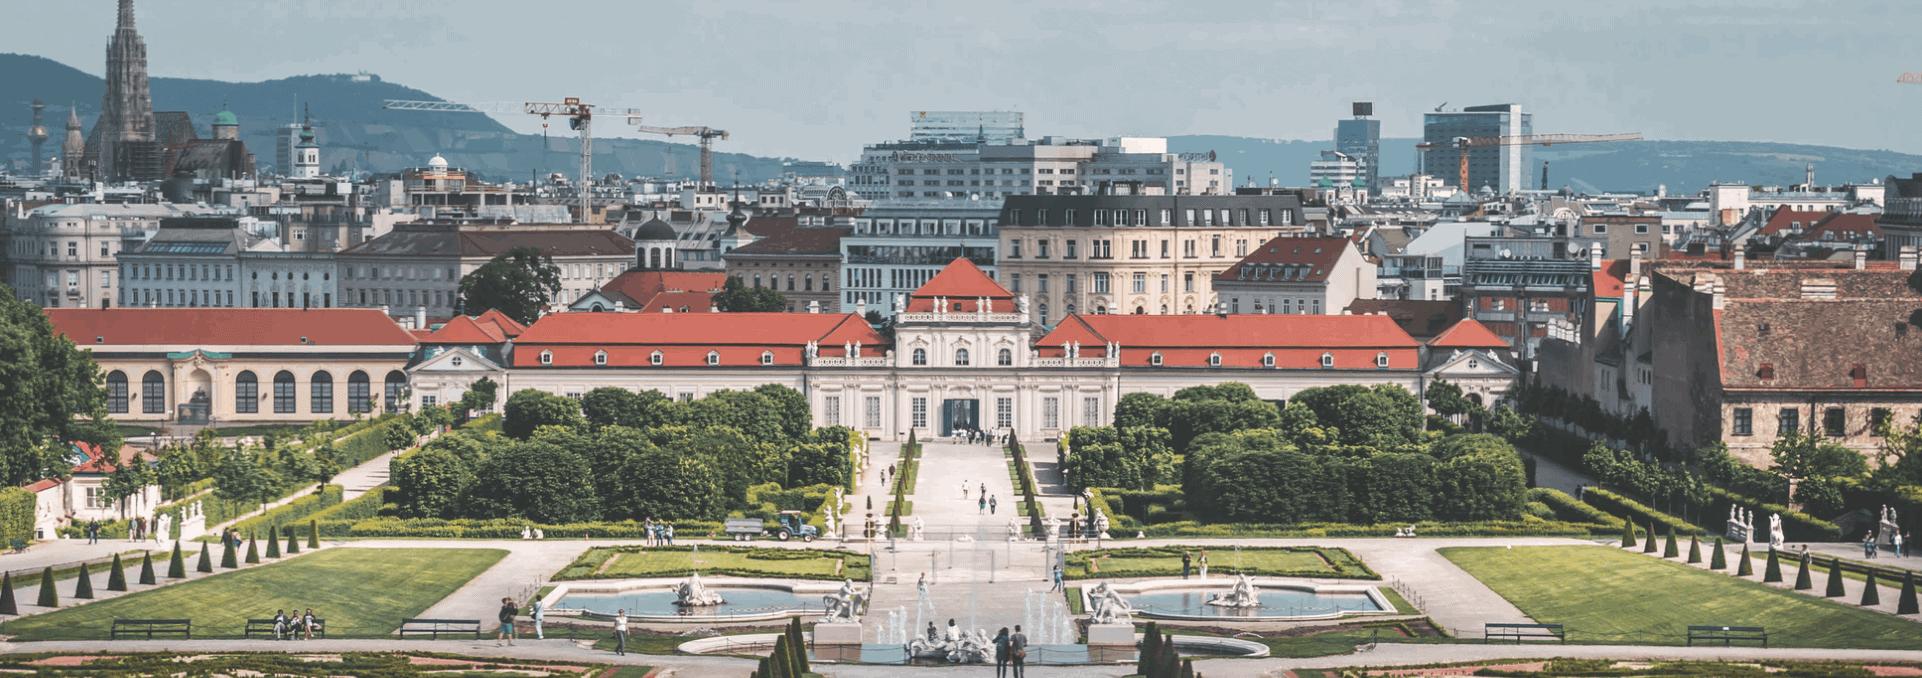 größte bauträger projektentwickler österreich